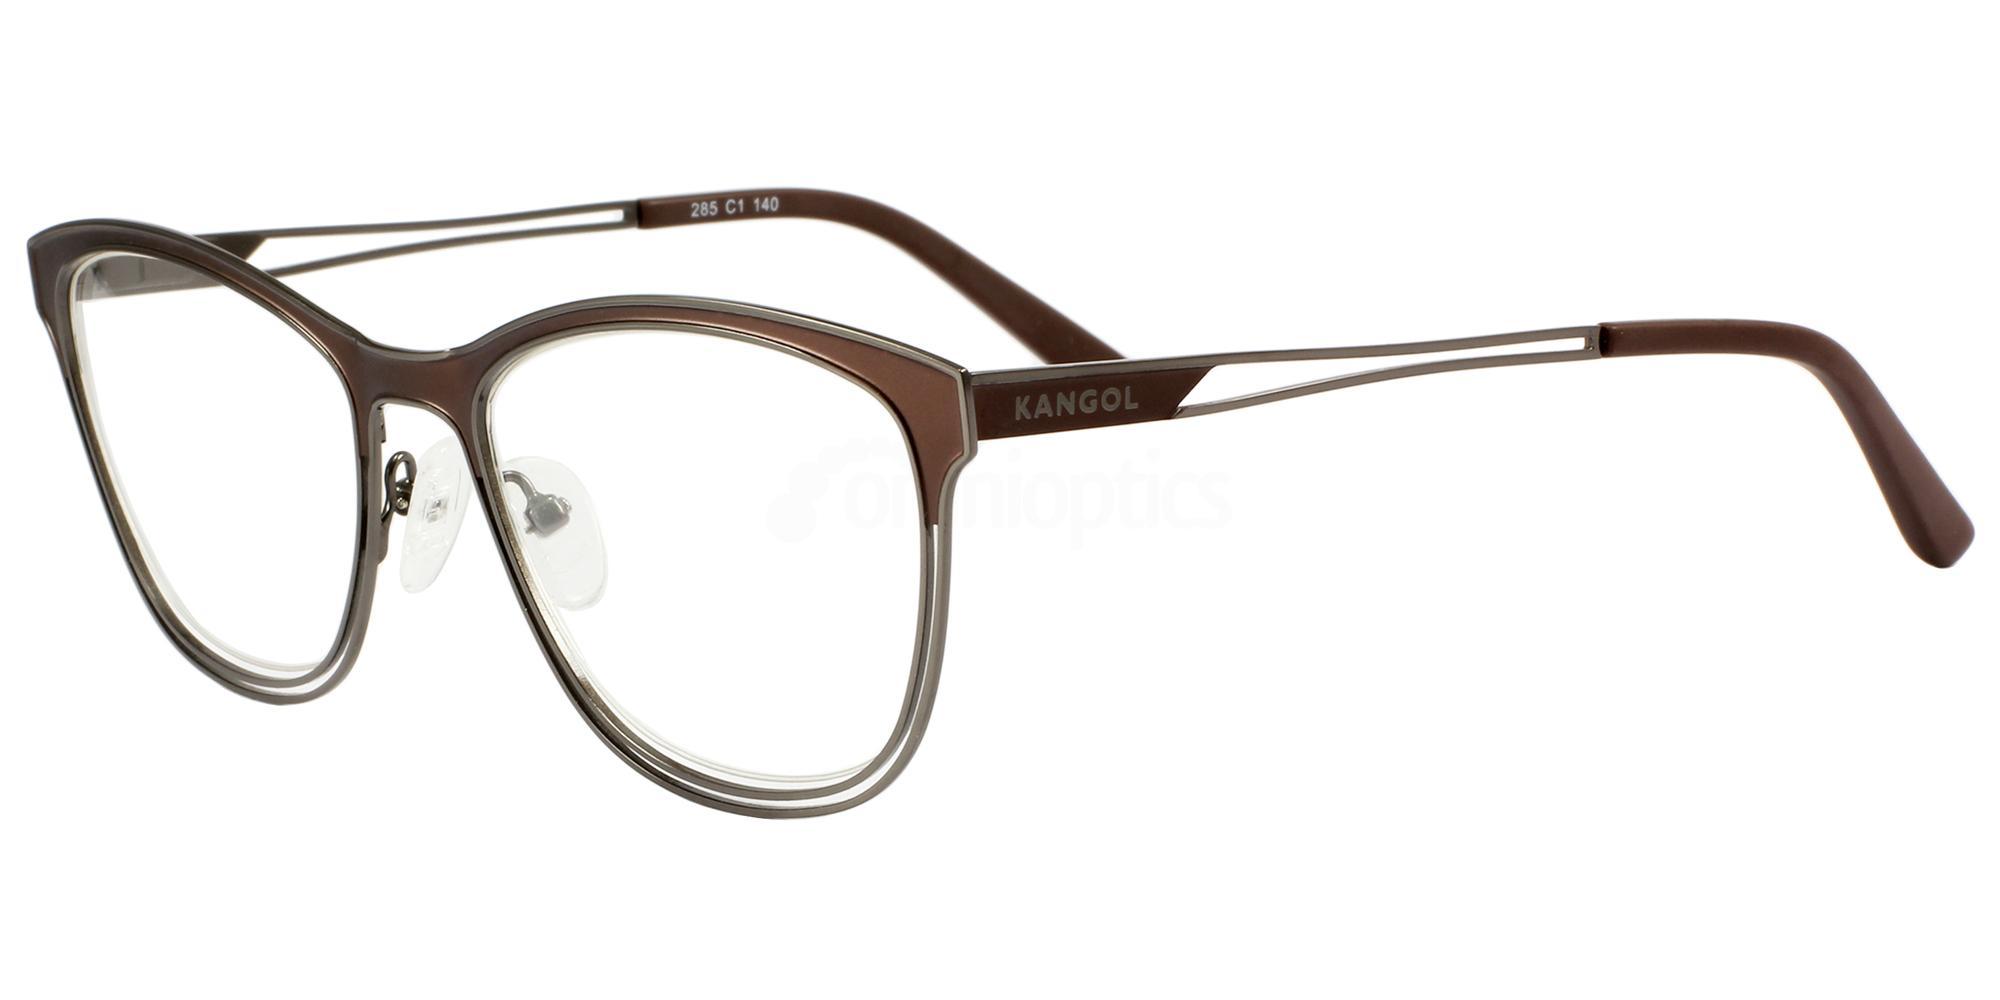 C1 285 Glasses, Kangol